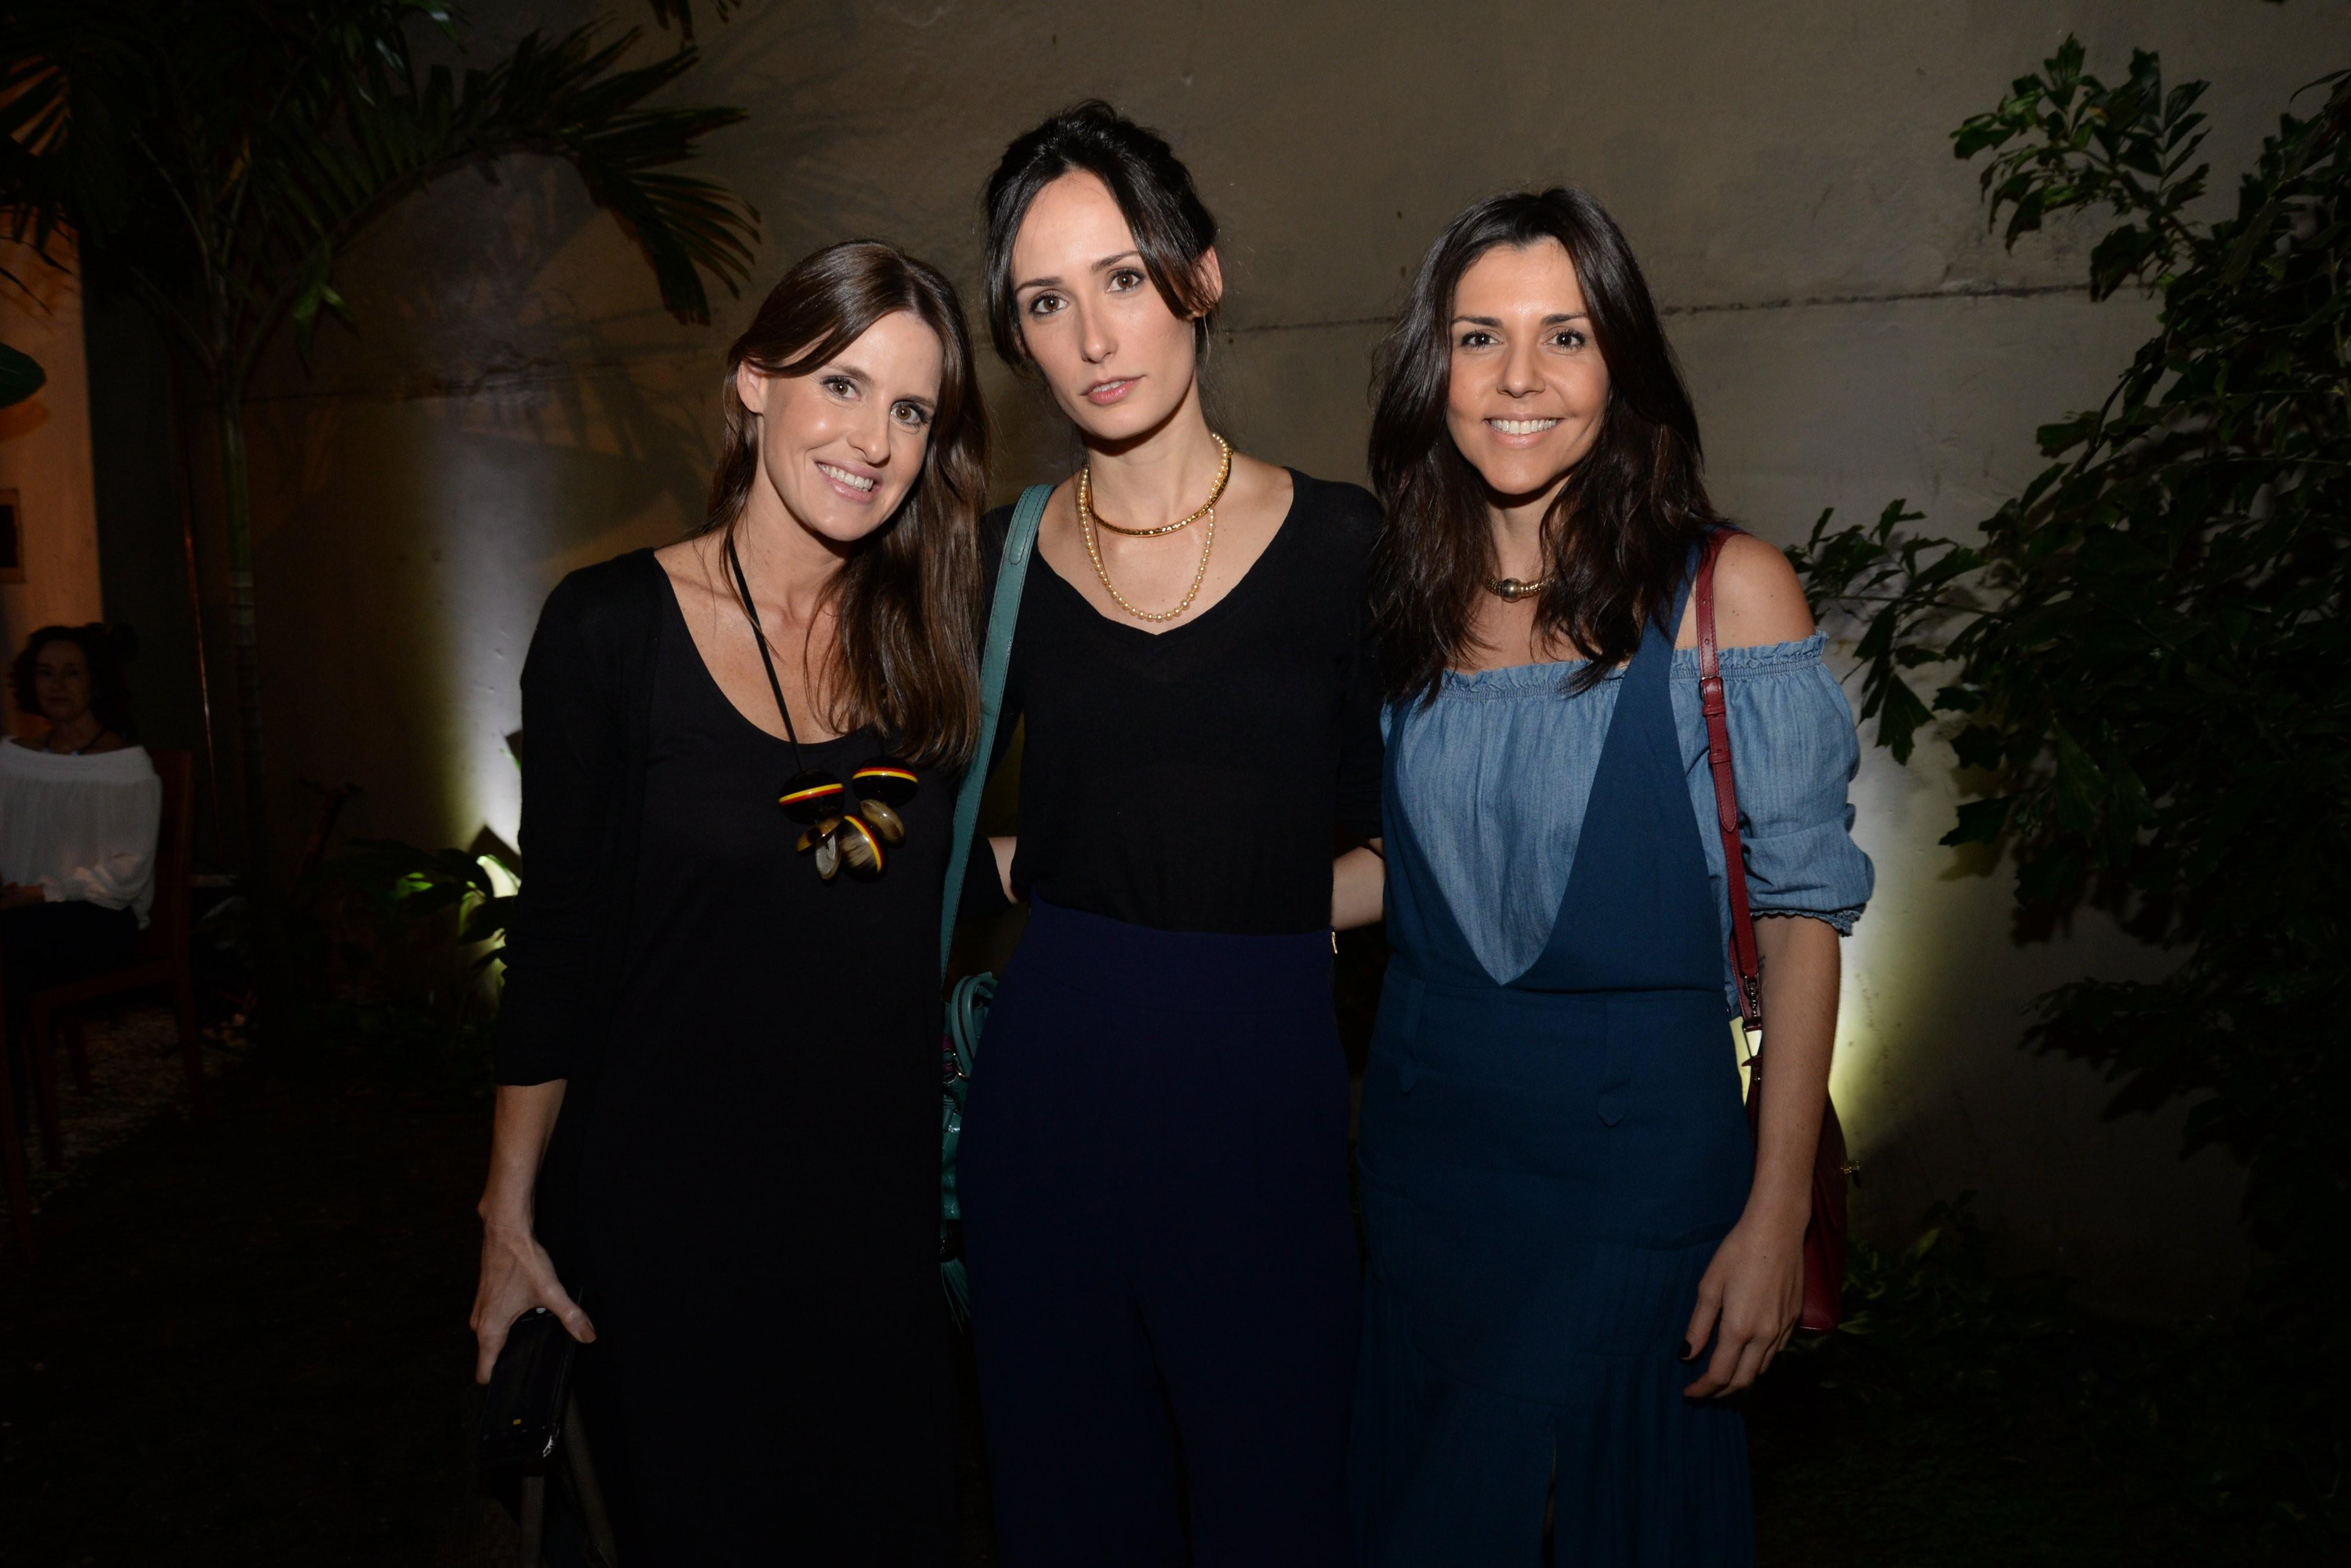 Juliana Burlamaqui, Renata Assunção e Rafaella Cardoso (Foto: Divulgação)